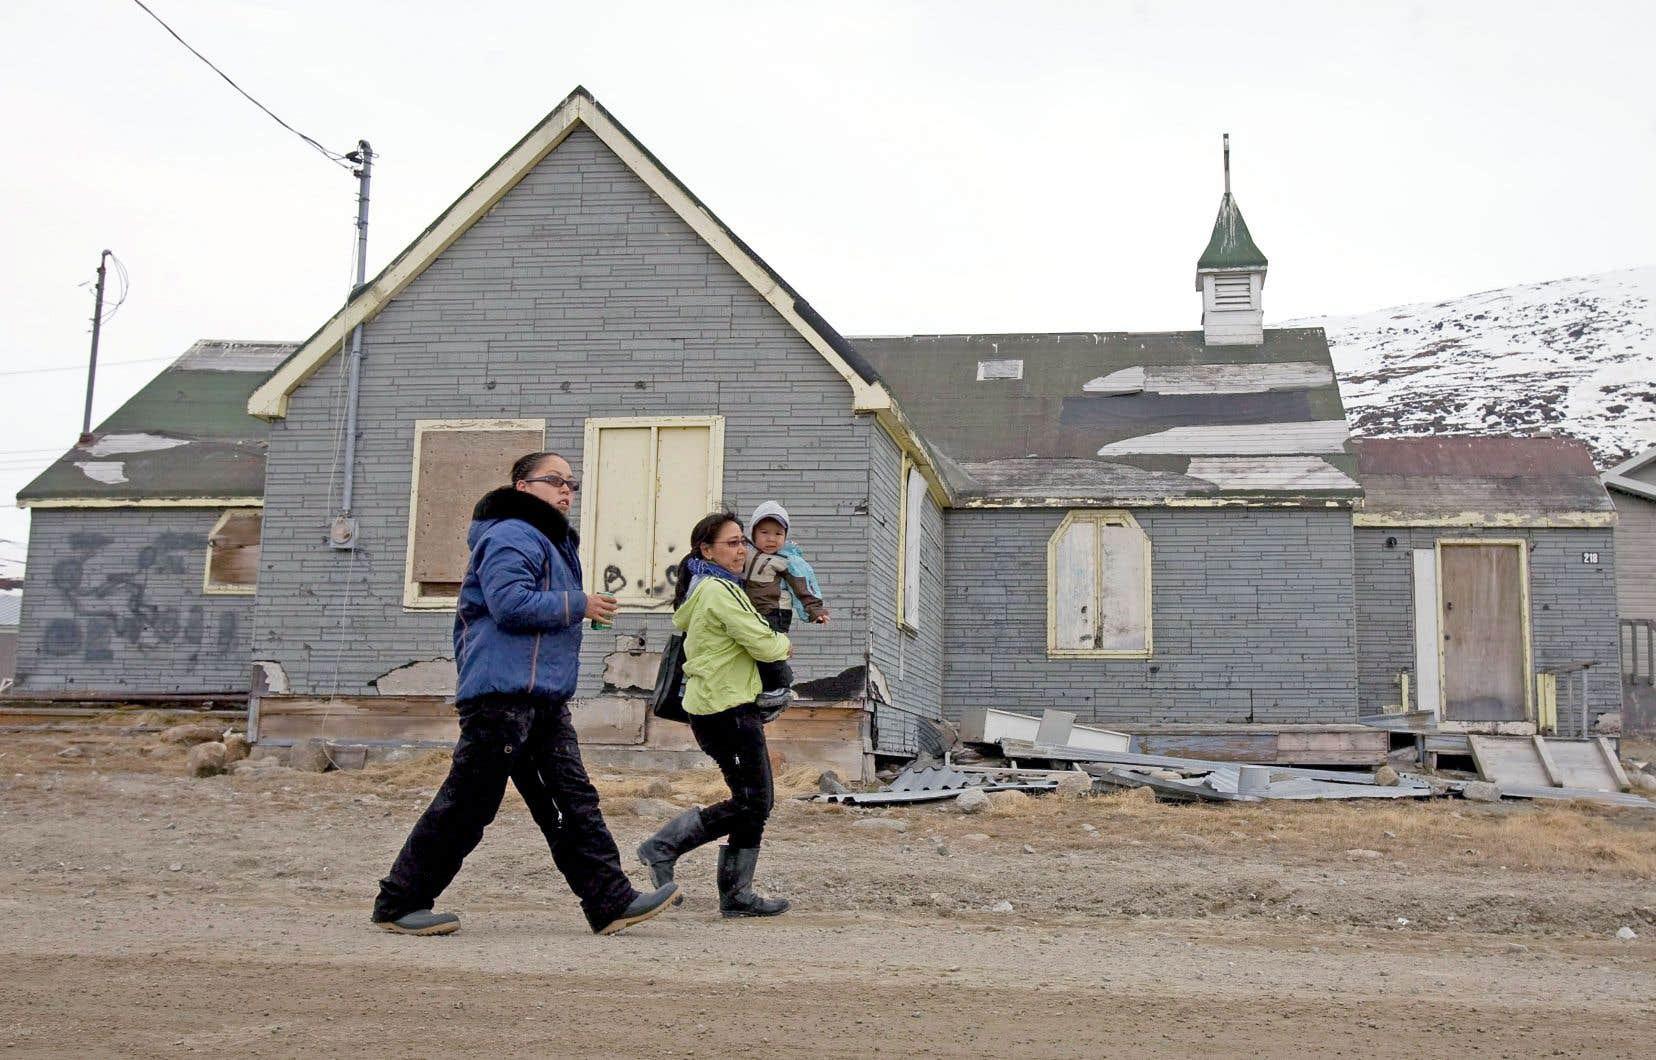 Le hameau nordique a autrefois affiché le plus haut taux de suicide du territoire. Jusqu'à récemment, on croyait que les mauvais jours de la petite communauté étaient passés.